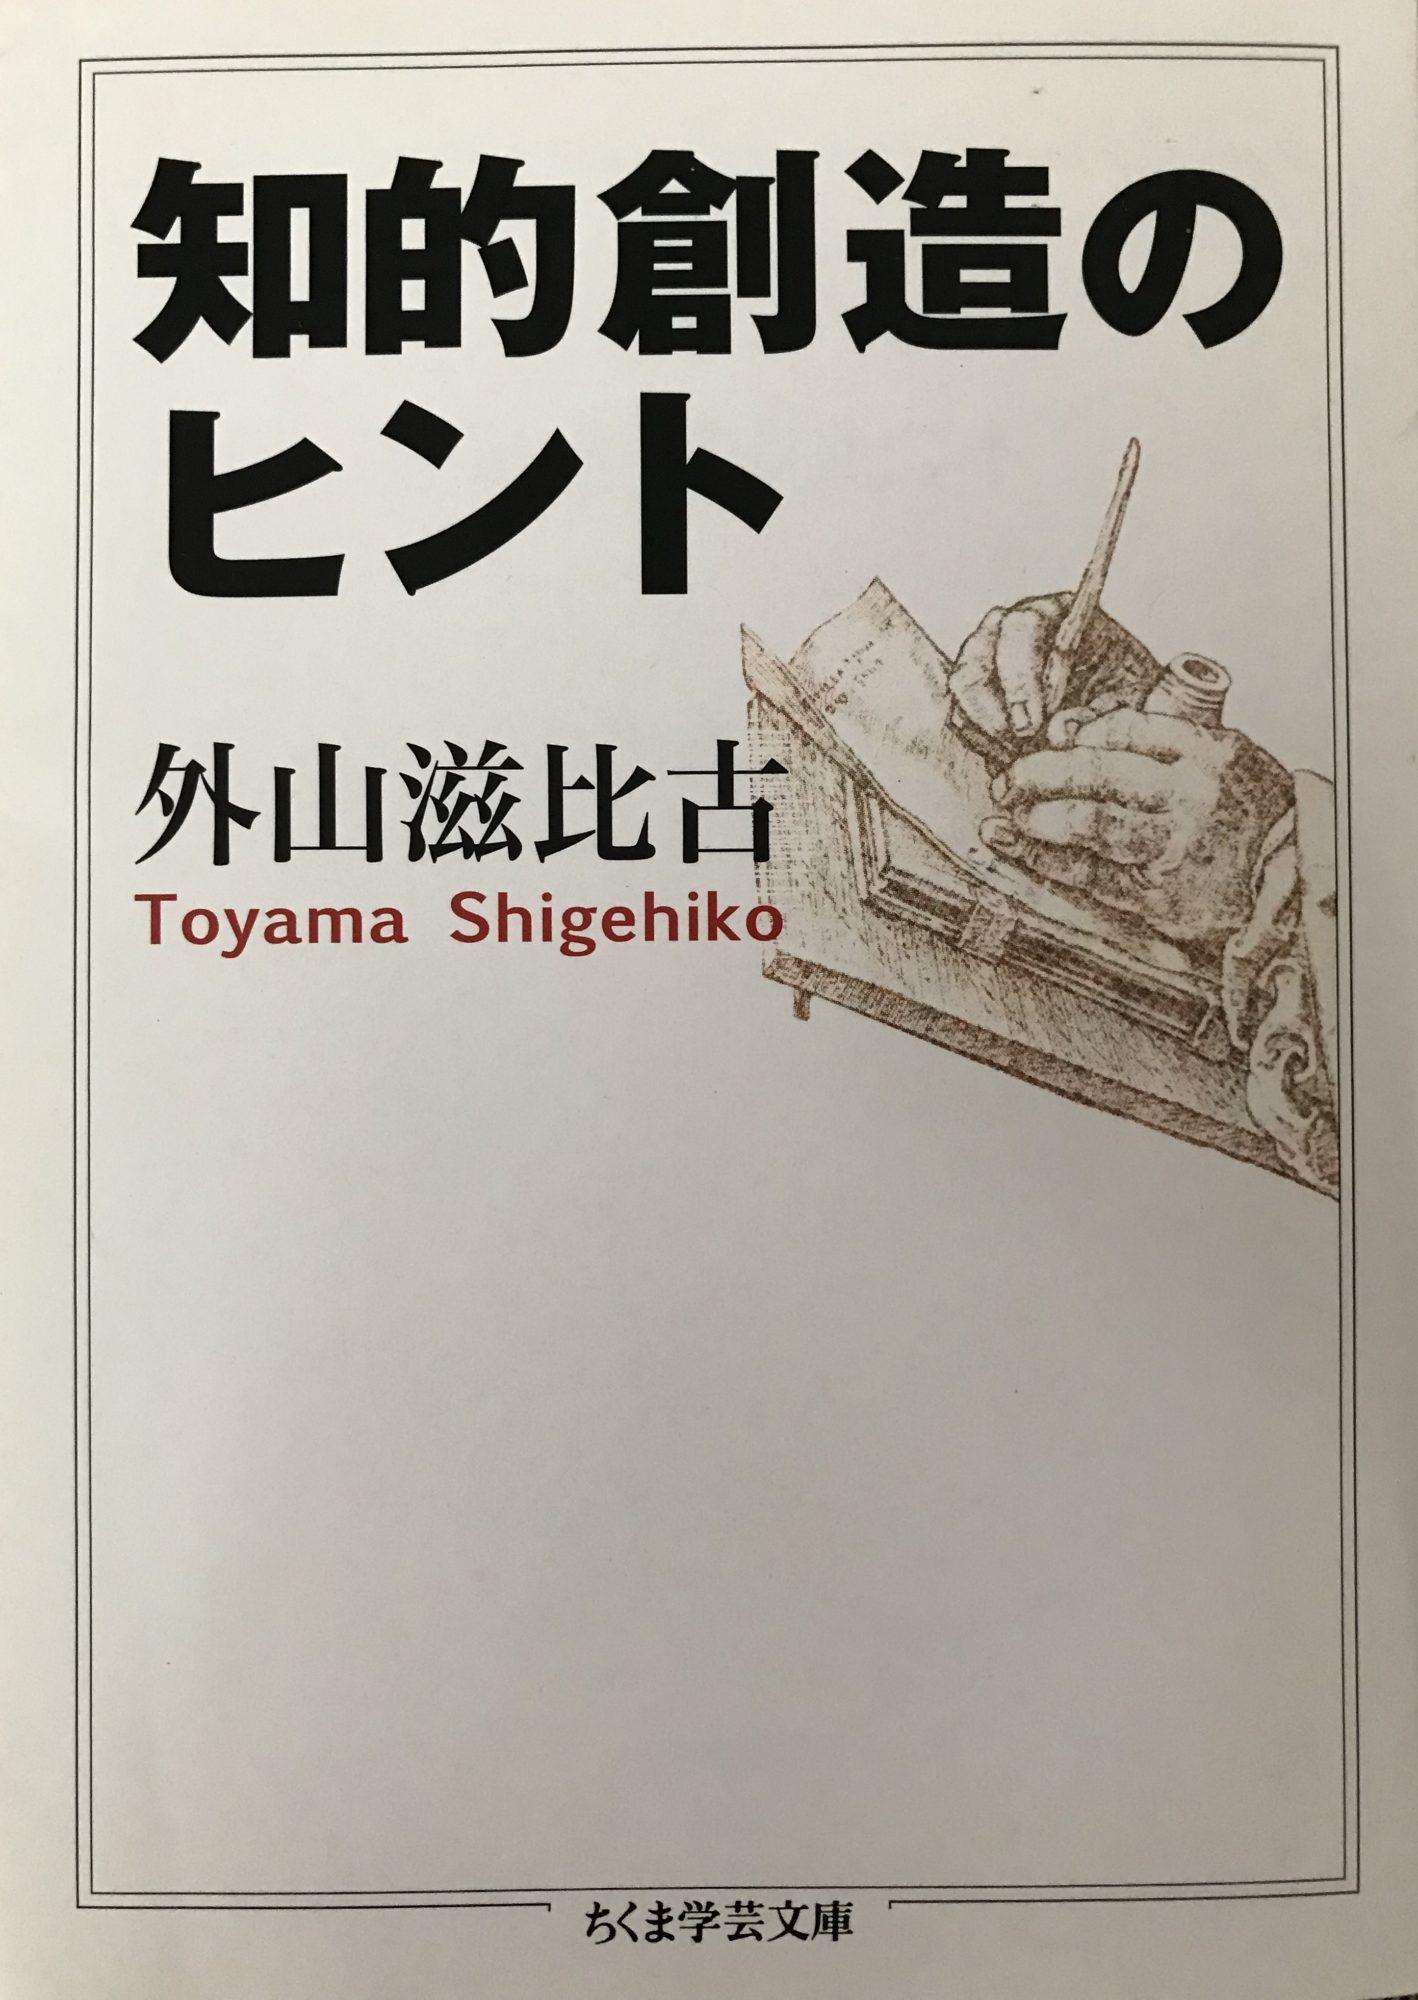 知的創造のヒントという外山滋比古さんの本の表紙